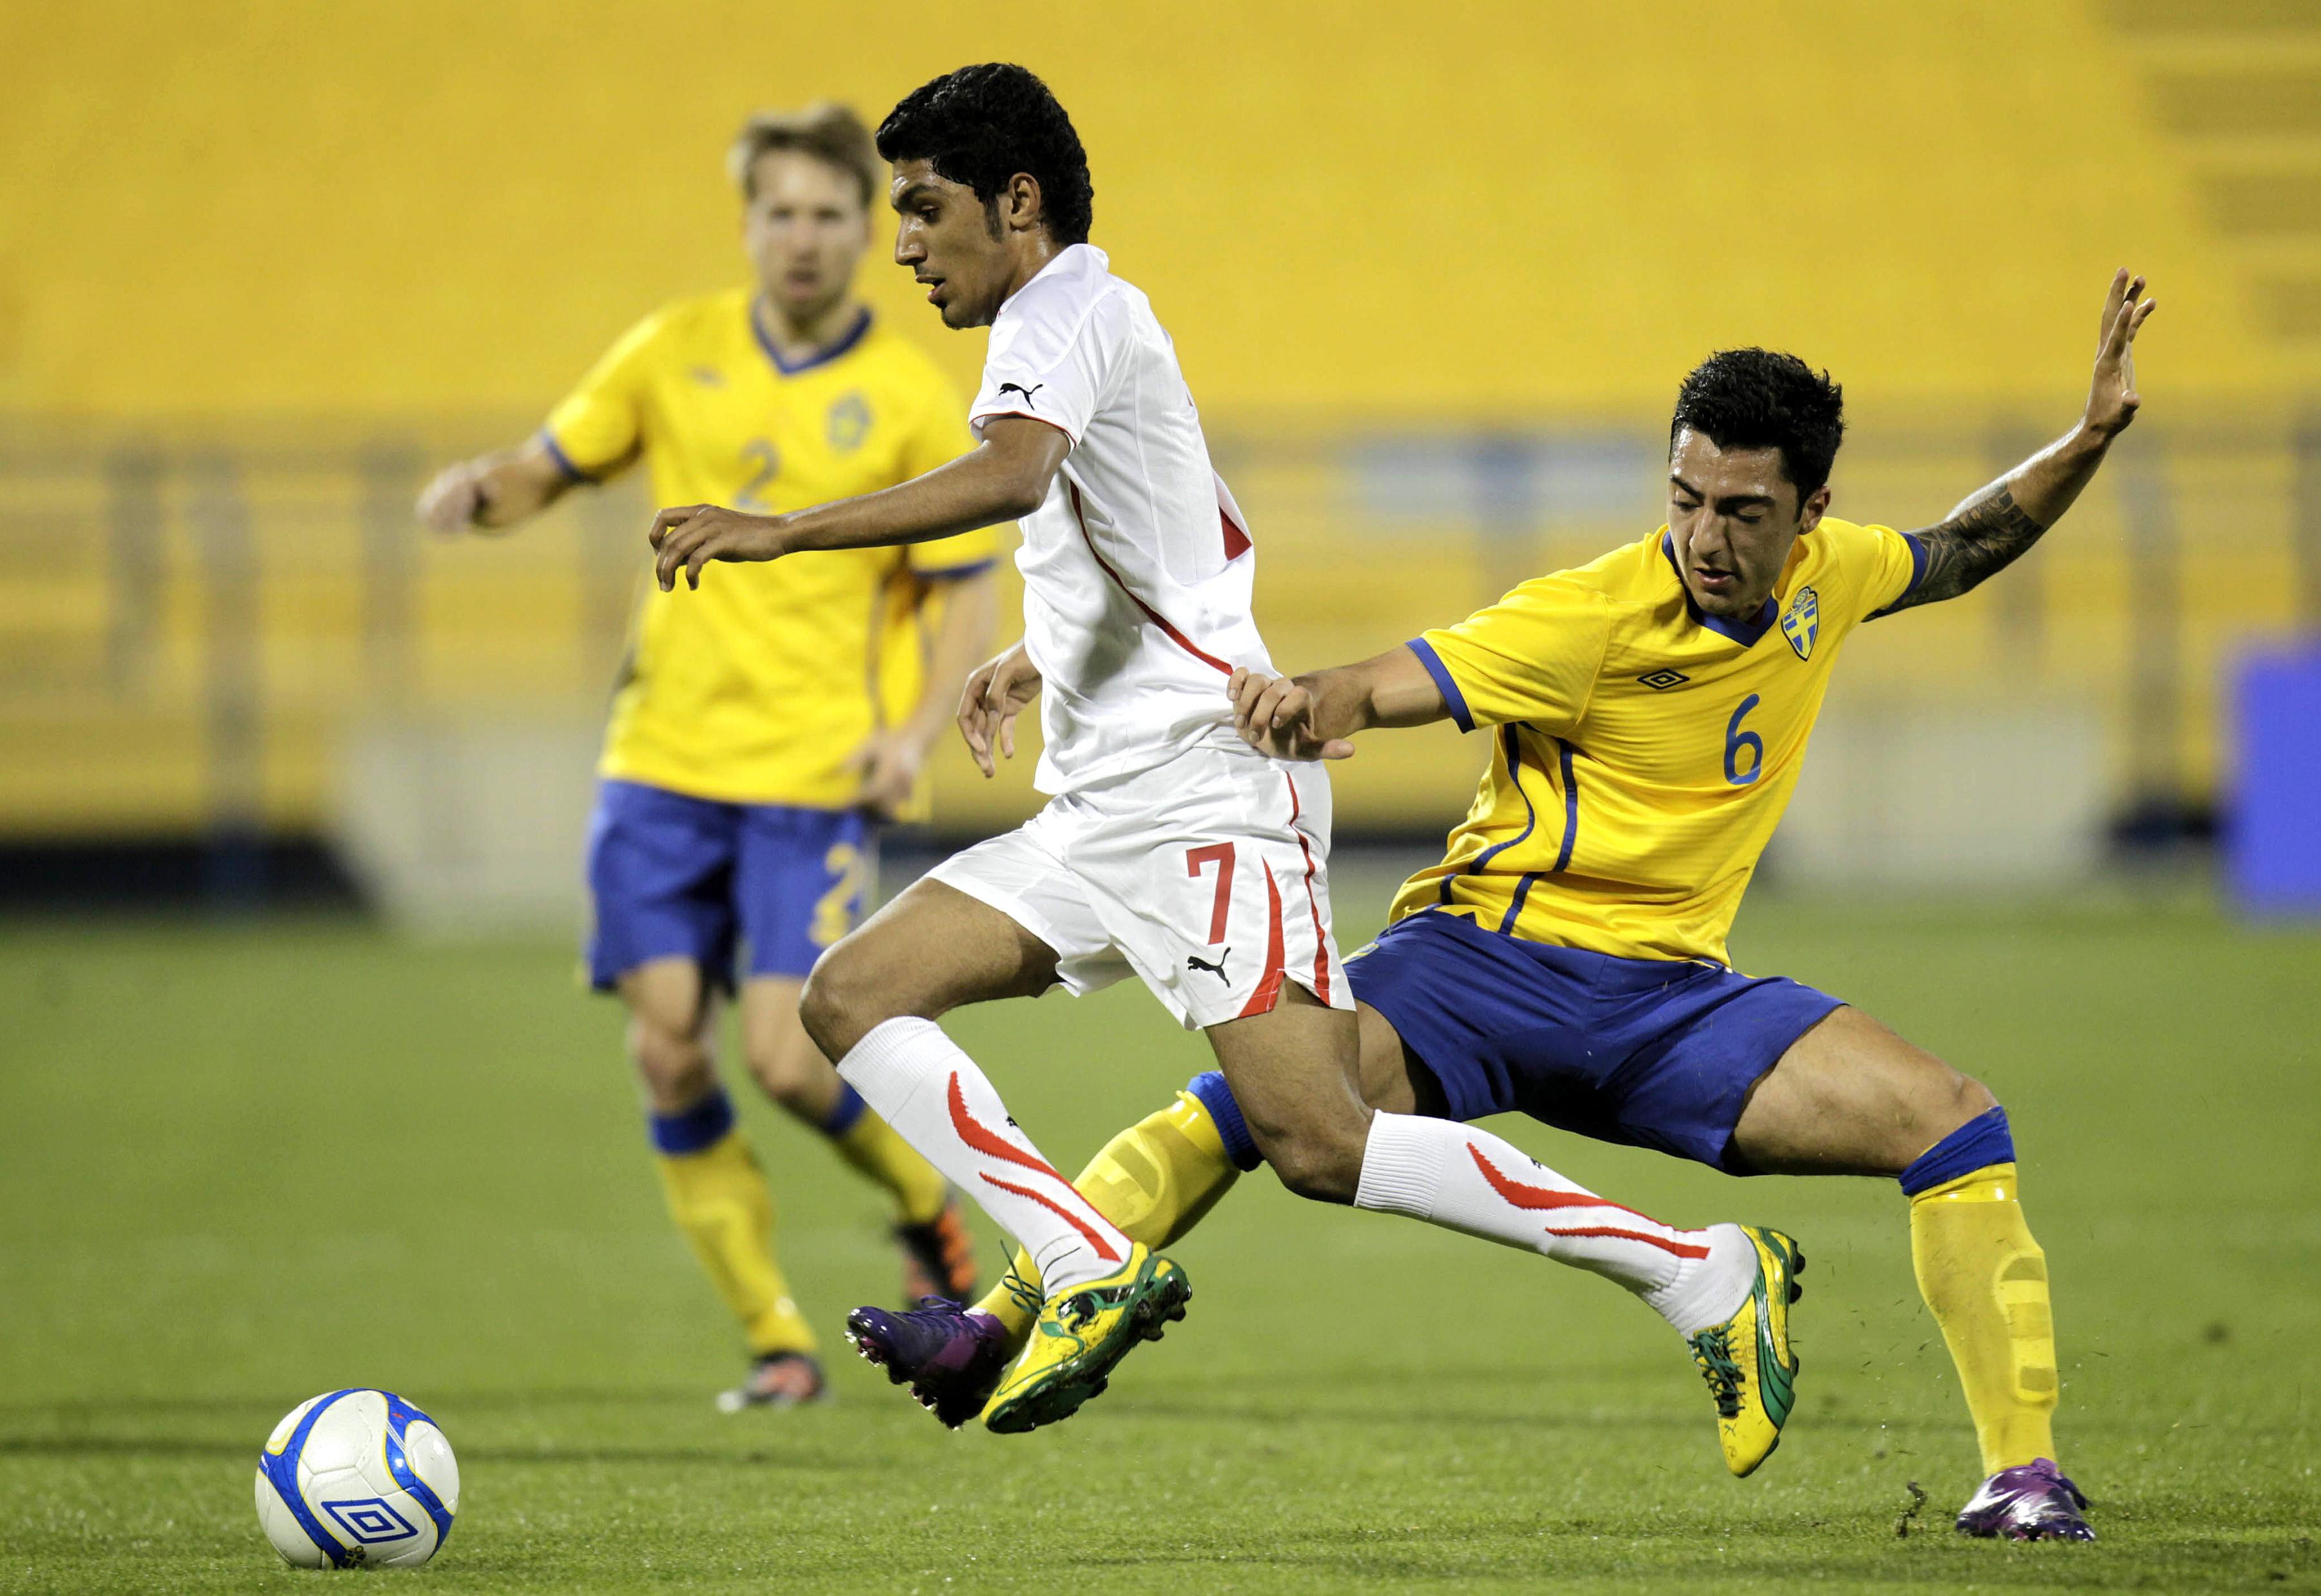 Jiloan Hamad i U21-landslaget